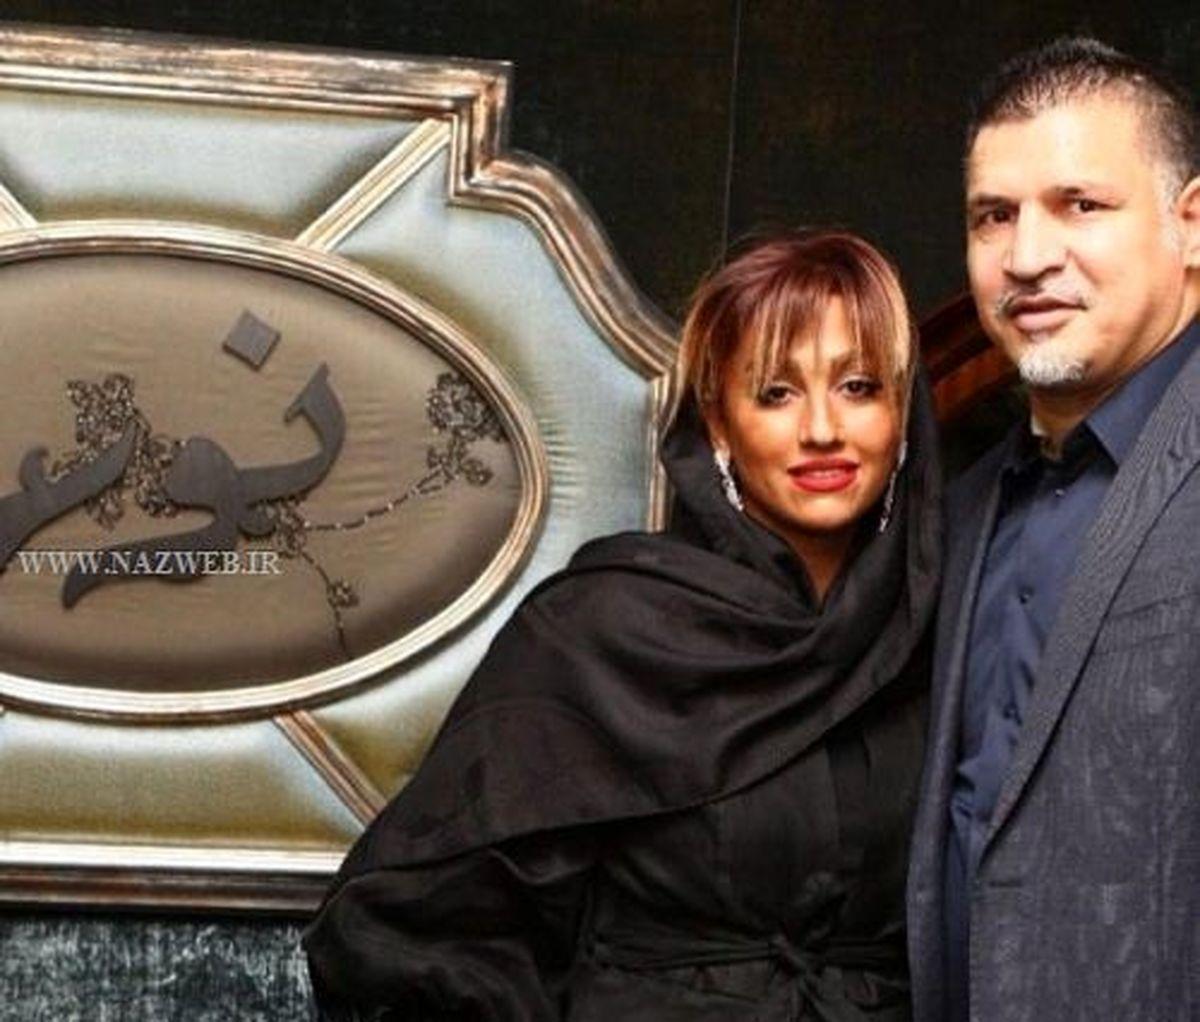 دزد گردنبند علی دایی، سارقان پایتخت را بیچاره کرد!